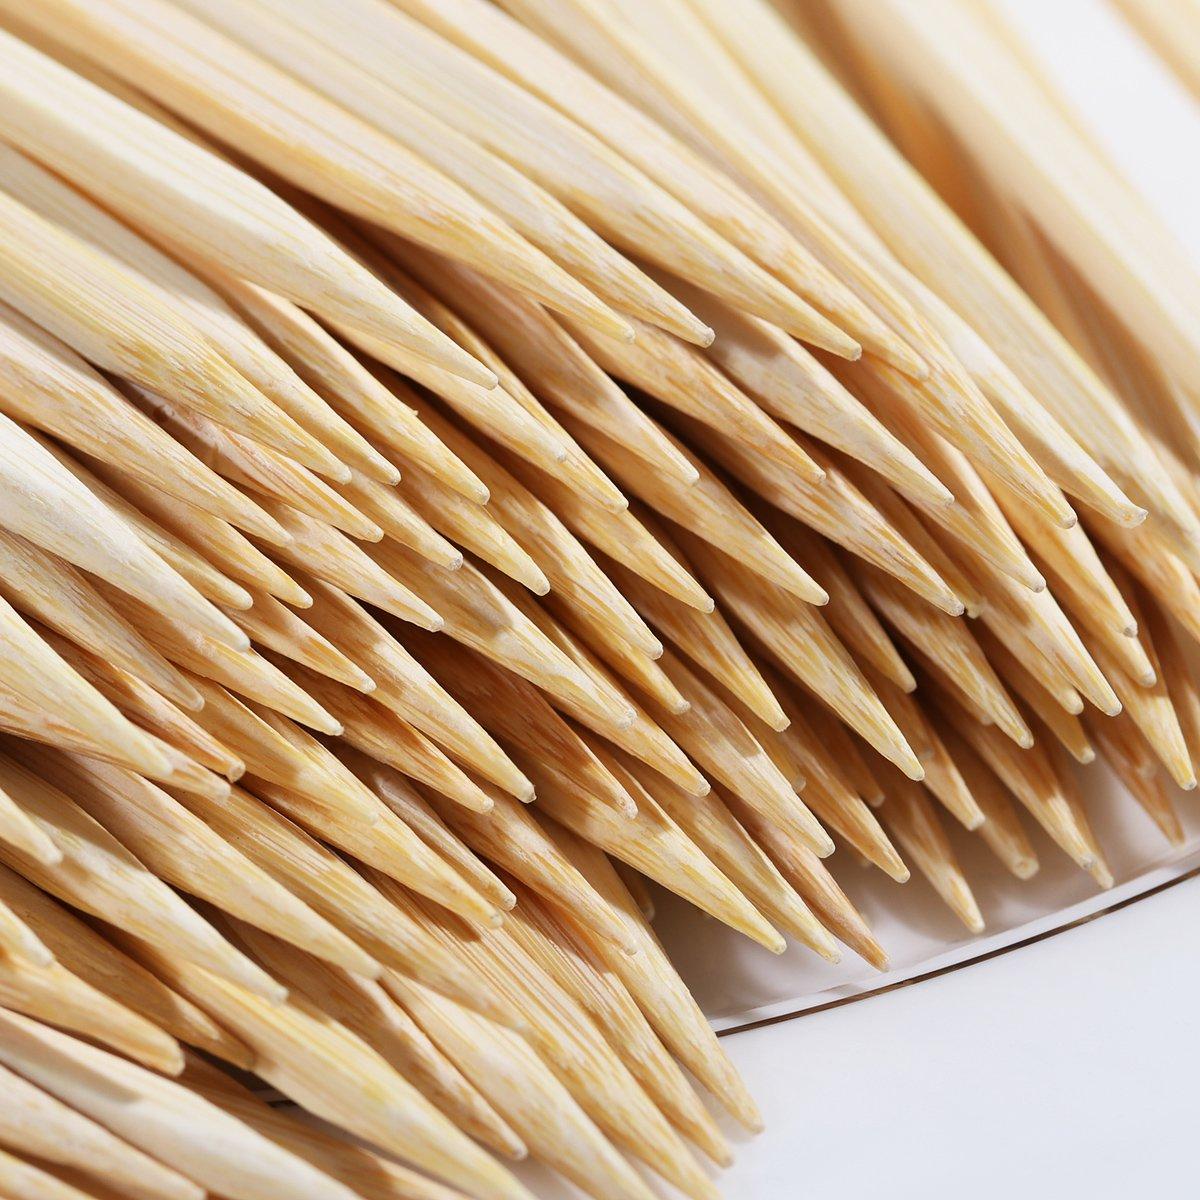 GreeStore 200PCS bastoncini di bamb/ù per arrosti 21/cm grill party sandwich Torrefazione bastoni per frutta BBQ Tools spiedini di bamb/ù naturale